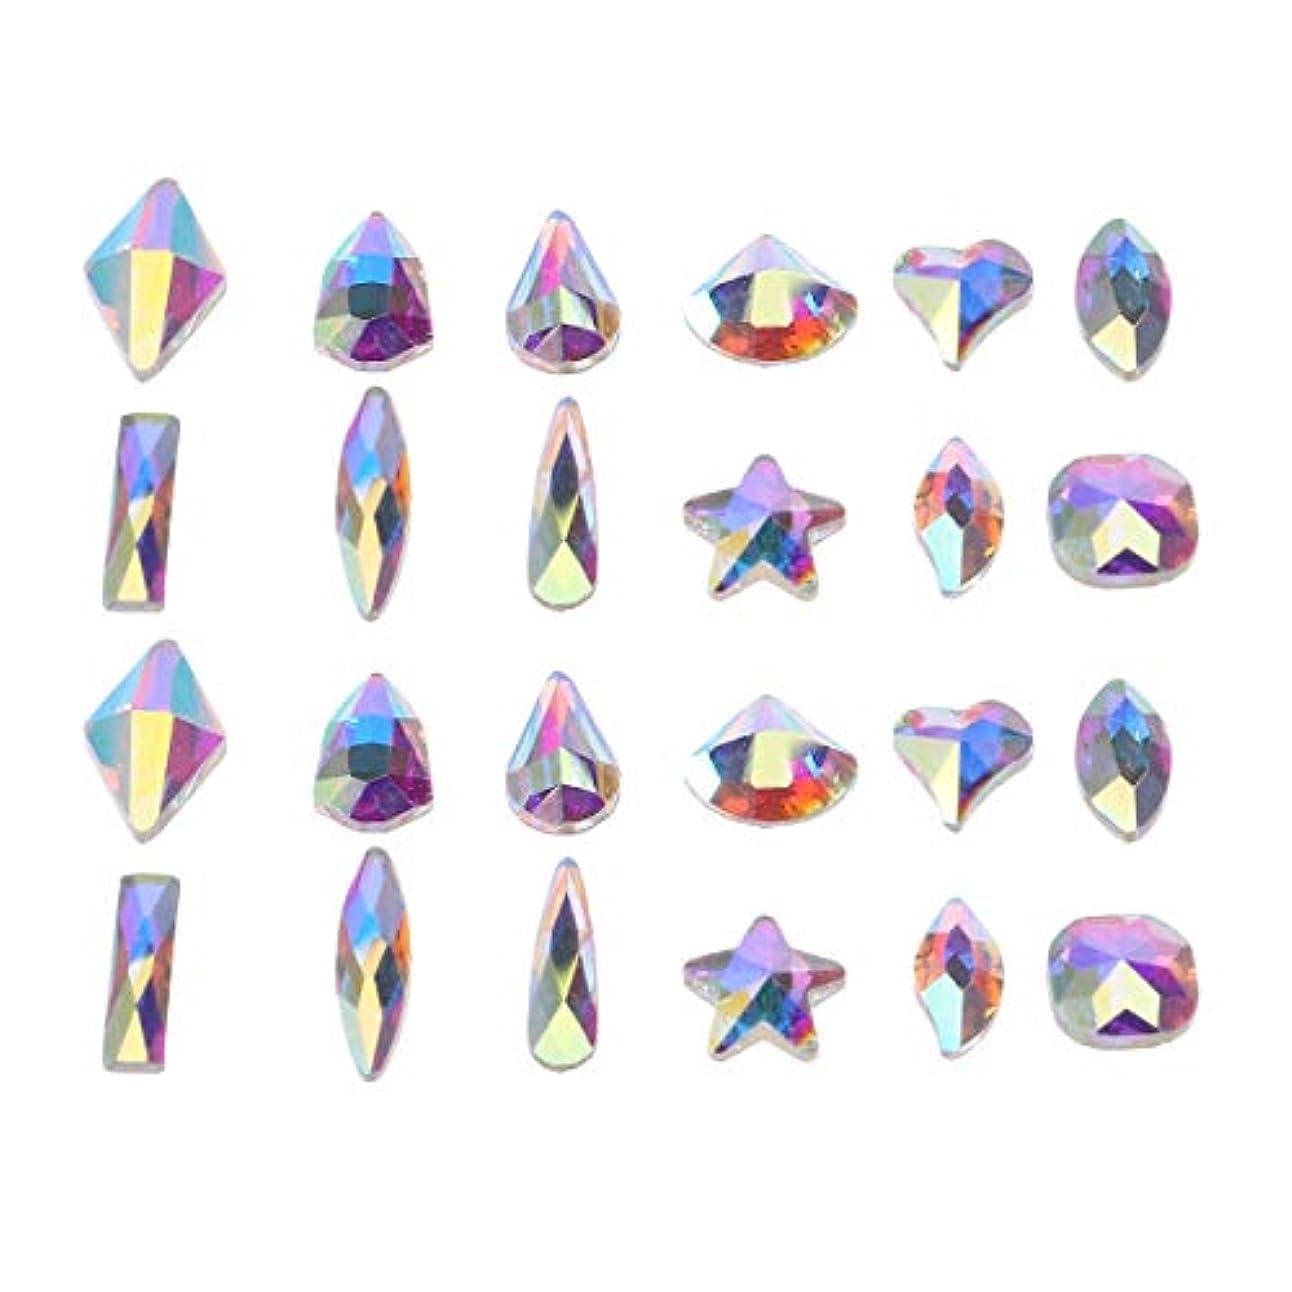 スペインパックキャンペーンLurrose 240ピースアクリルネイルアートネイルアートラインストーンキット用diyネイルアート用品アクセサリー